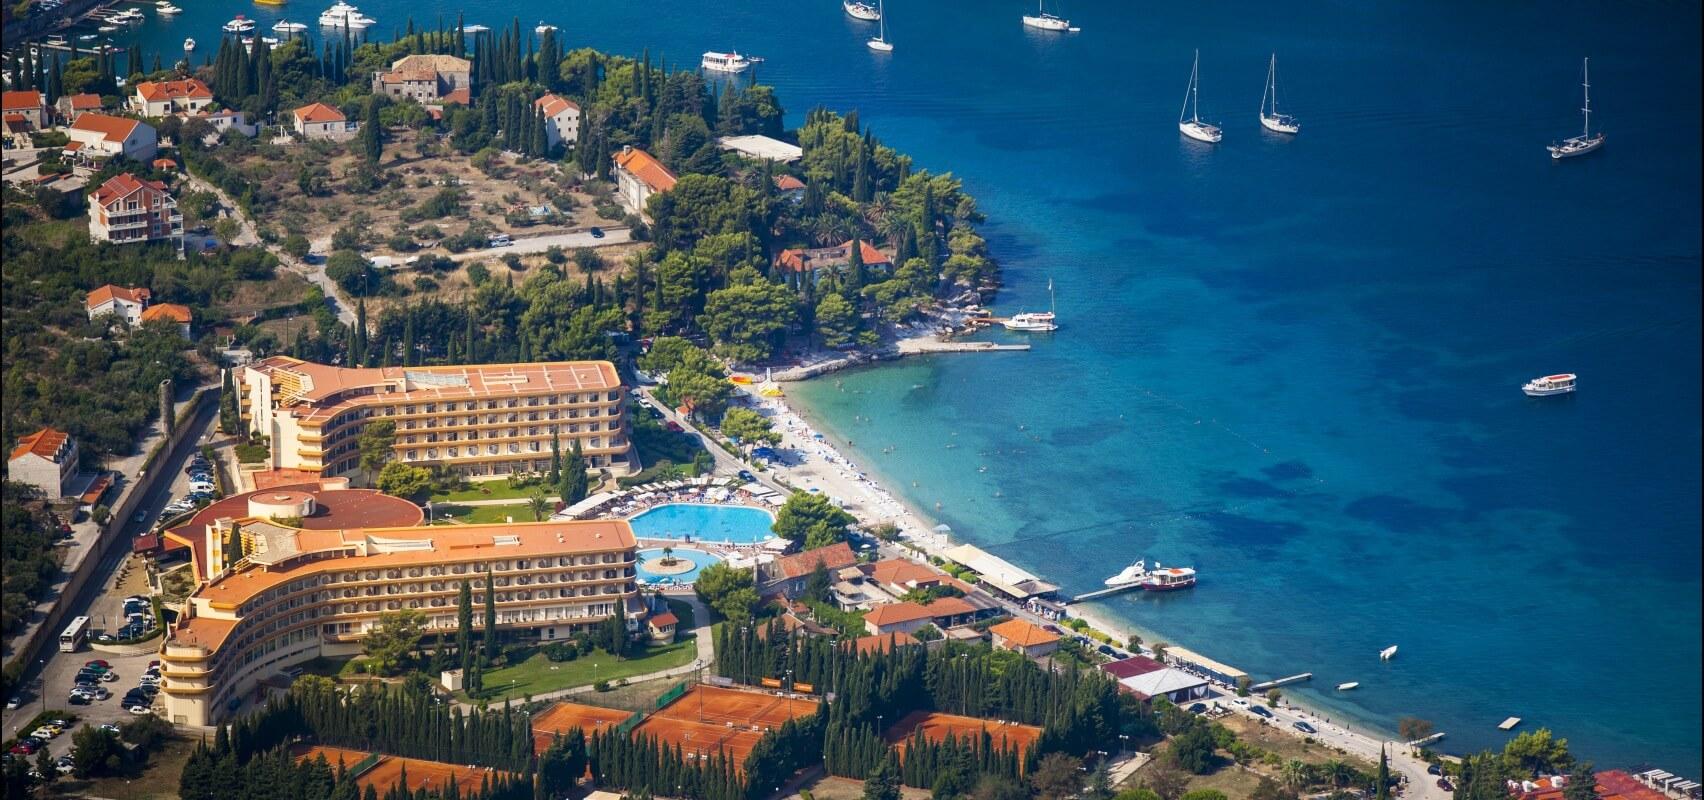 Hotel Albatros Cavtat In Croatia Remisens Hotels